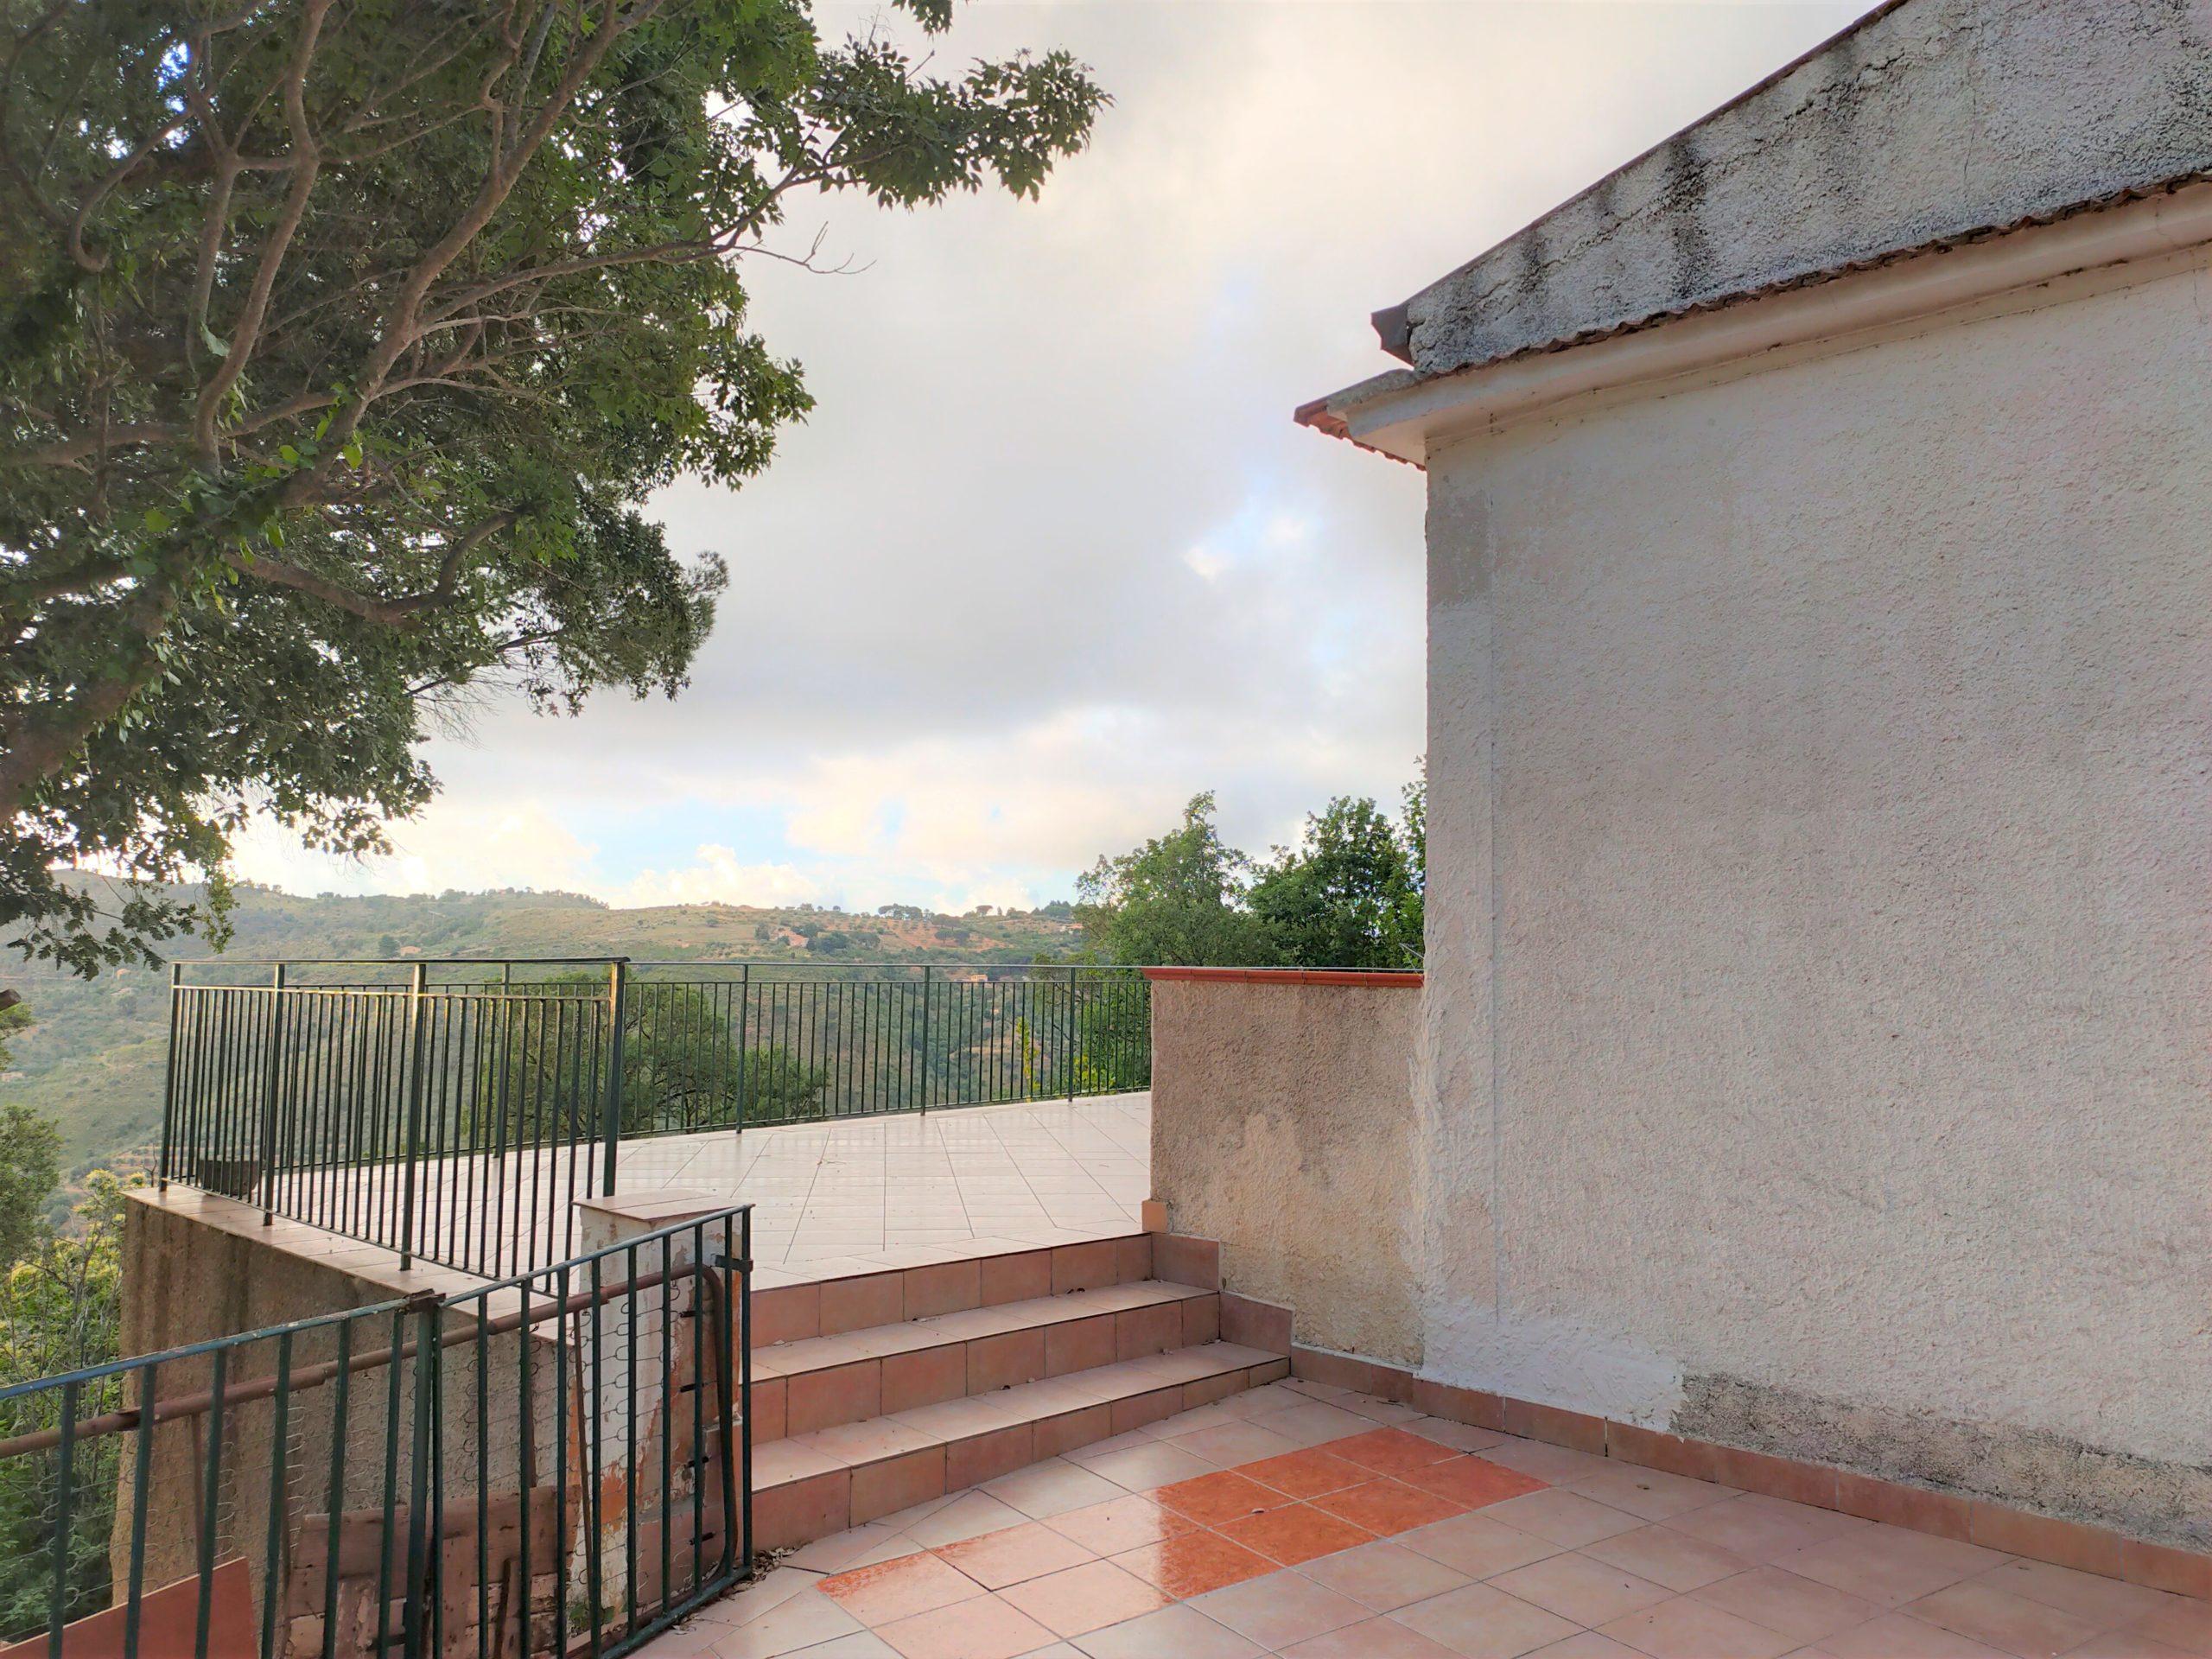 vrijstaand huis in de heuvels bij Cefalu te koop - Sicilie 5